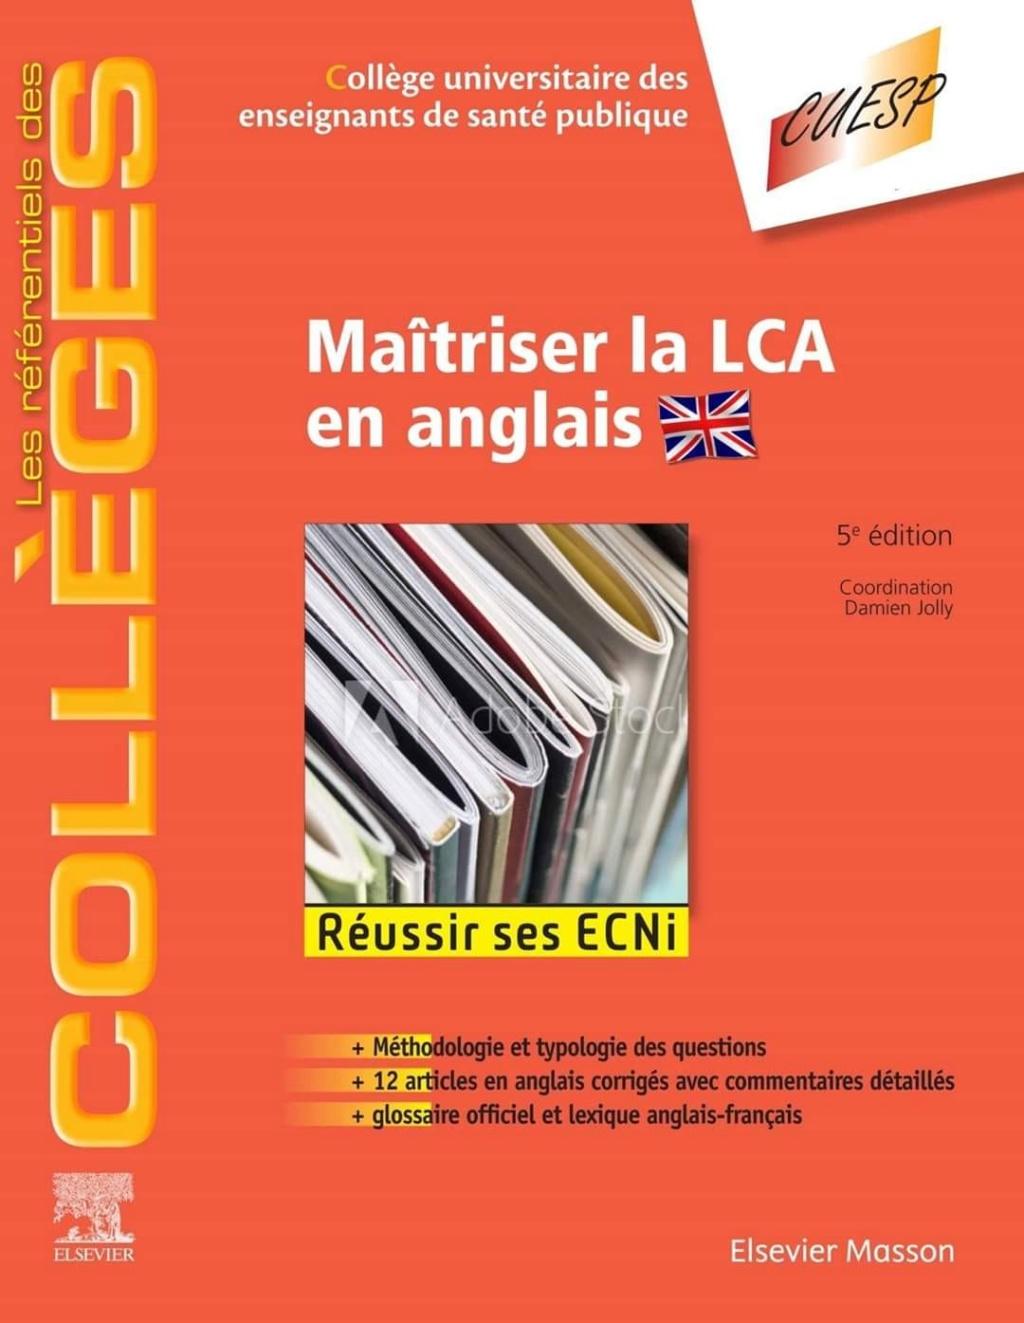 Nouveau (06 novembre 2019 ) Maîtriser la LCA en anglais: Méthodologie et Entraînement - Réussir les ECNi 74397710